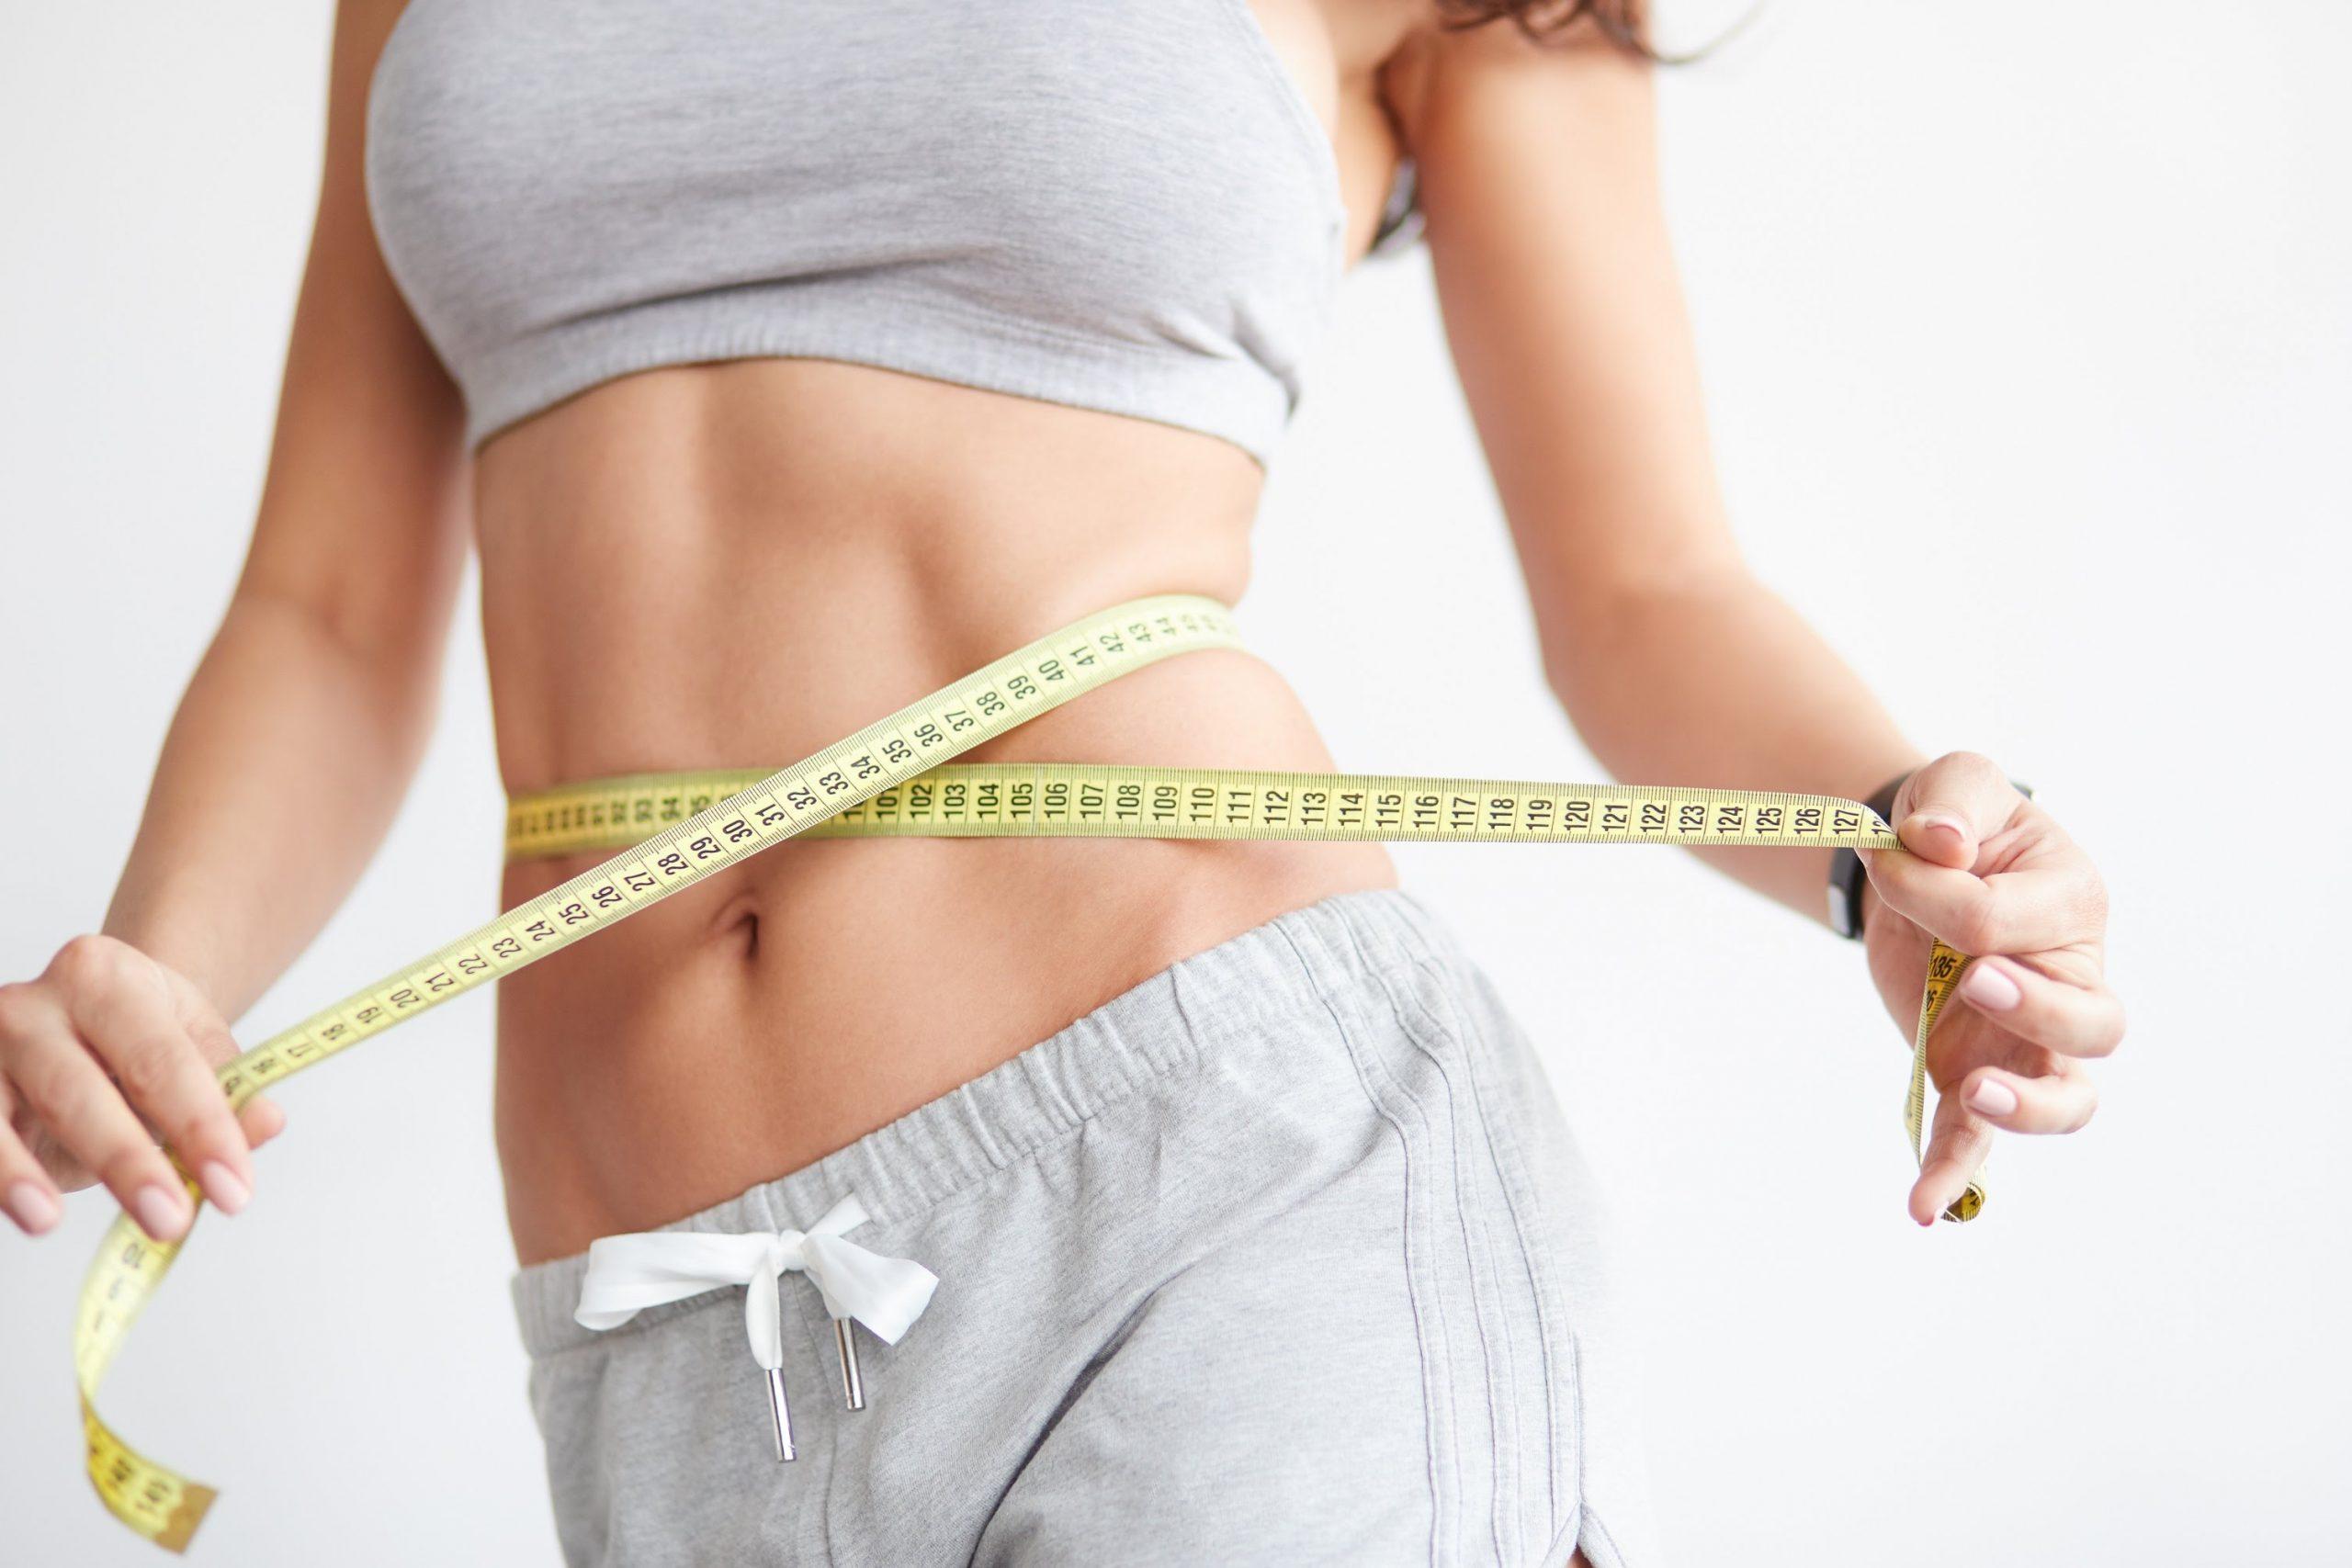 moduri ciudate simple de a pierde în greutate)